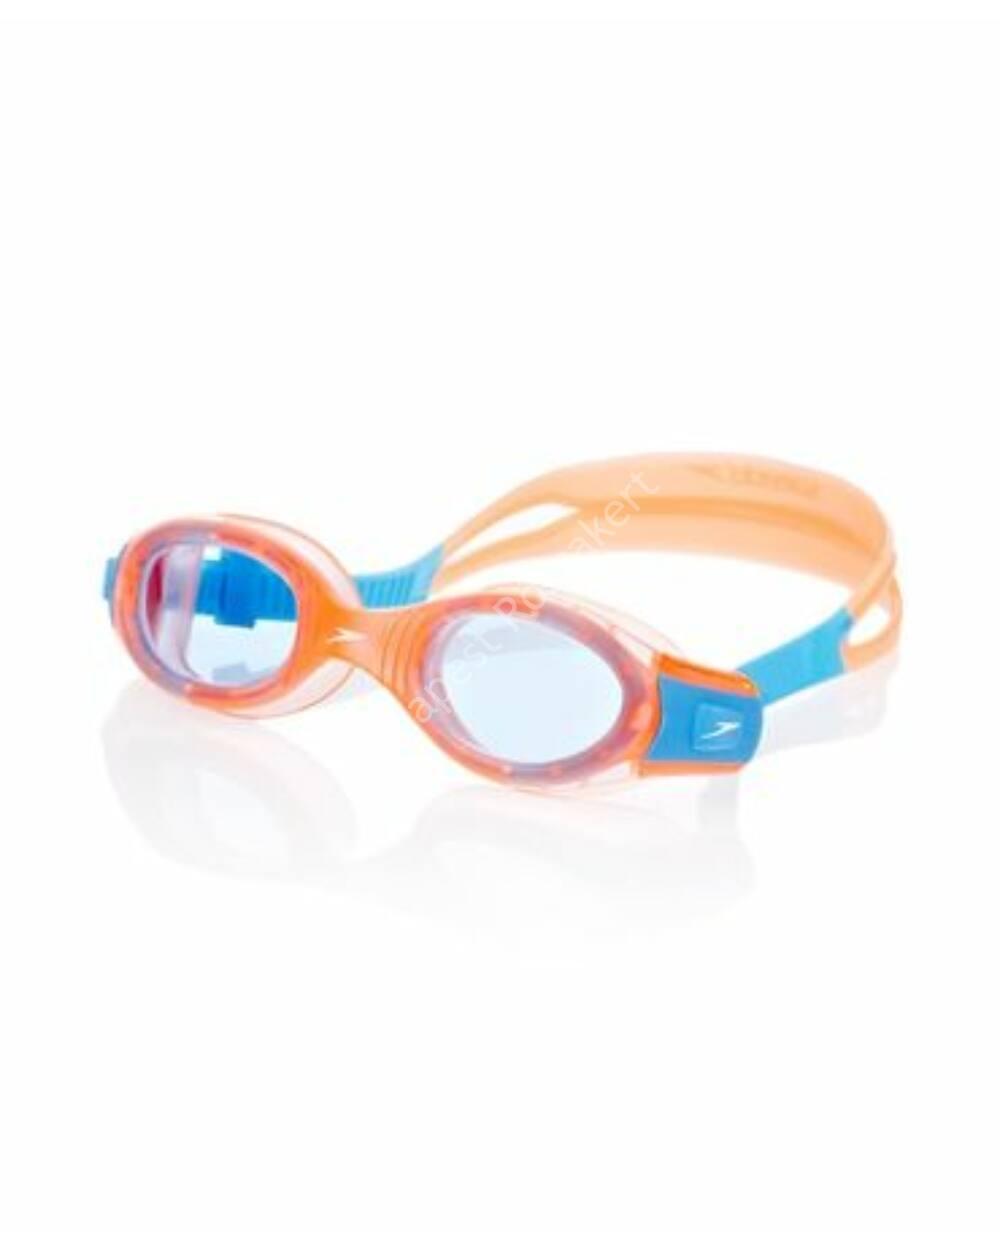 Speedo futura biofuse Junior úszószemüveg 6-14 éves, narancs-kék